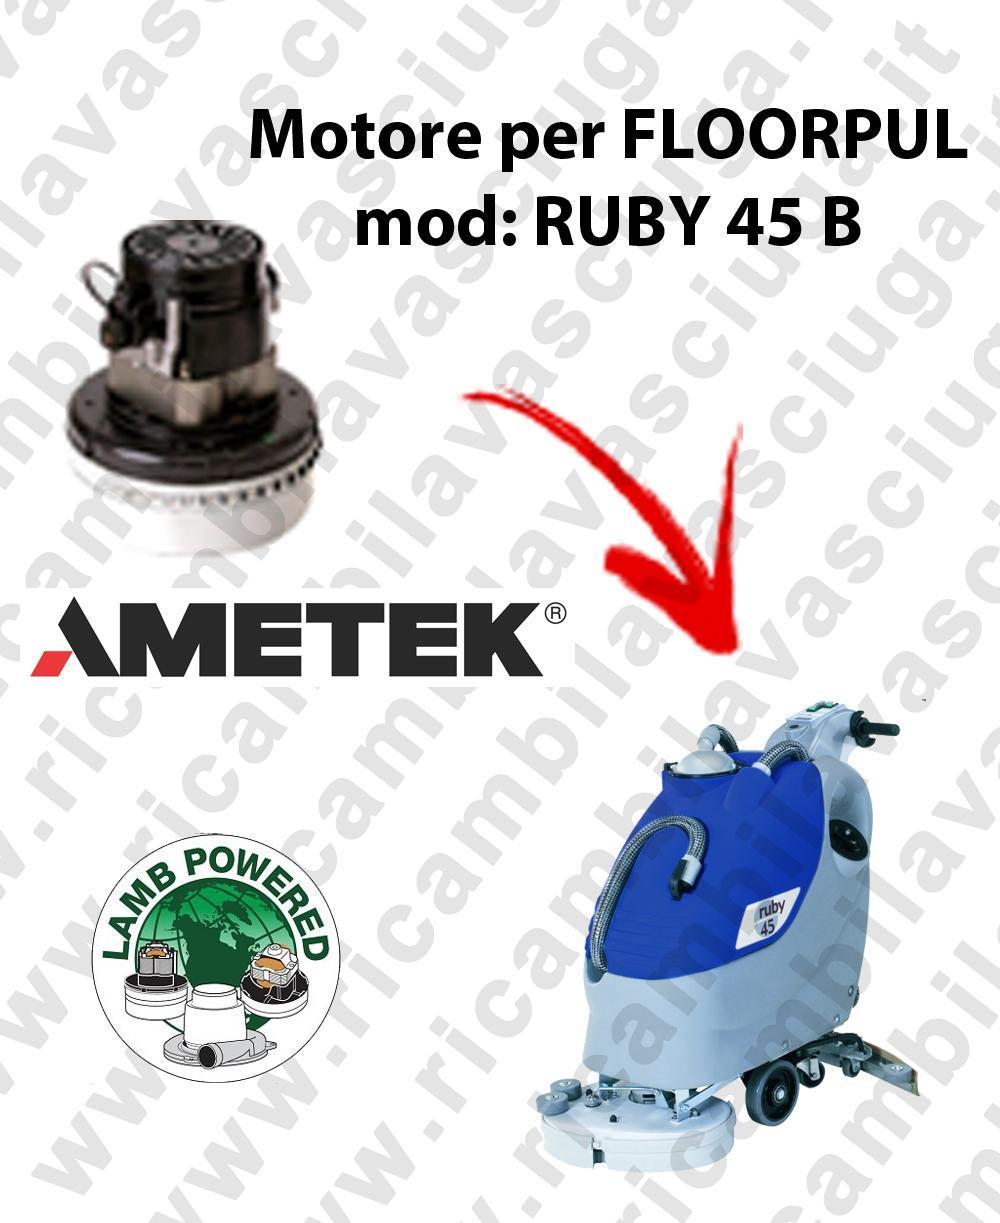 RUBY 45 B MOTEUR ASPIRATION LAMB AMATEK pour autolaveuses FLOORPUL